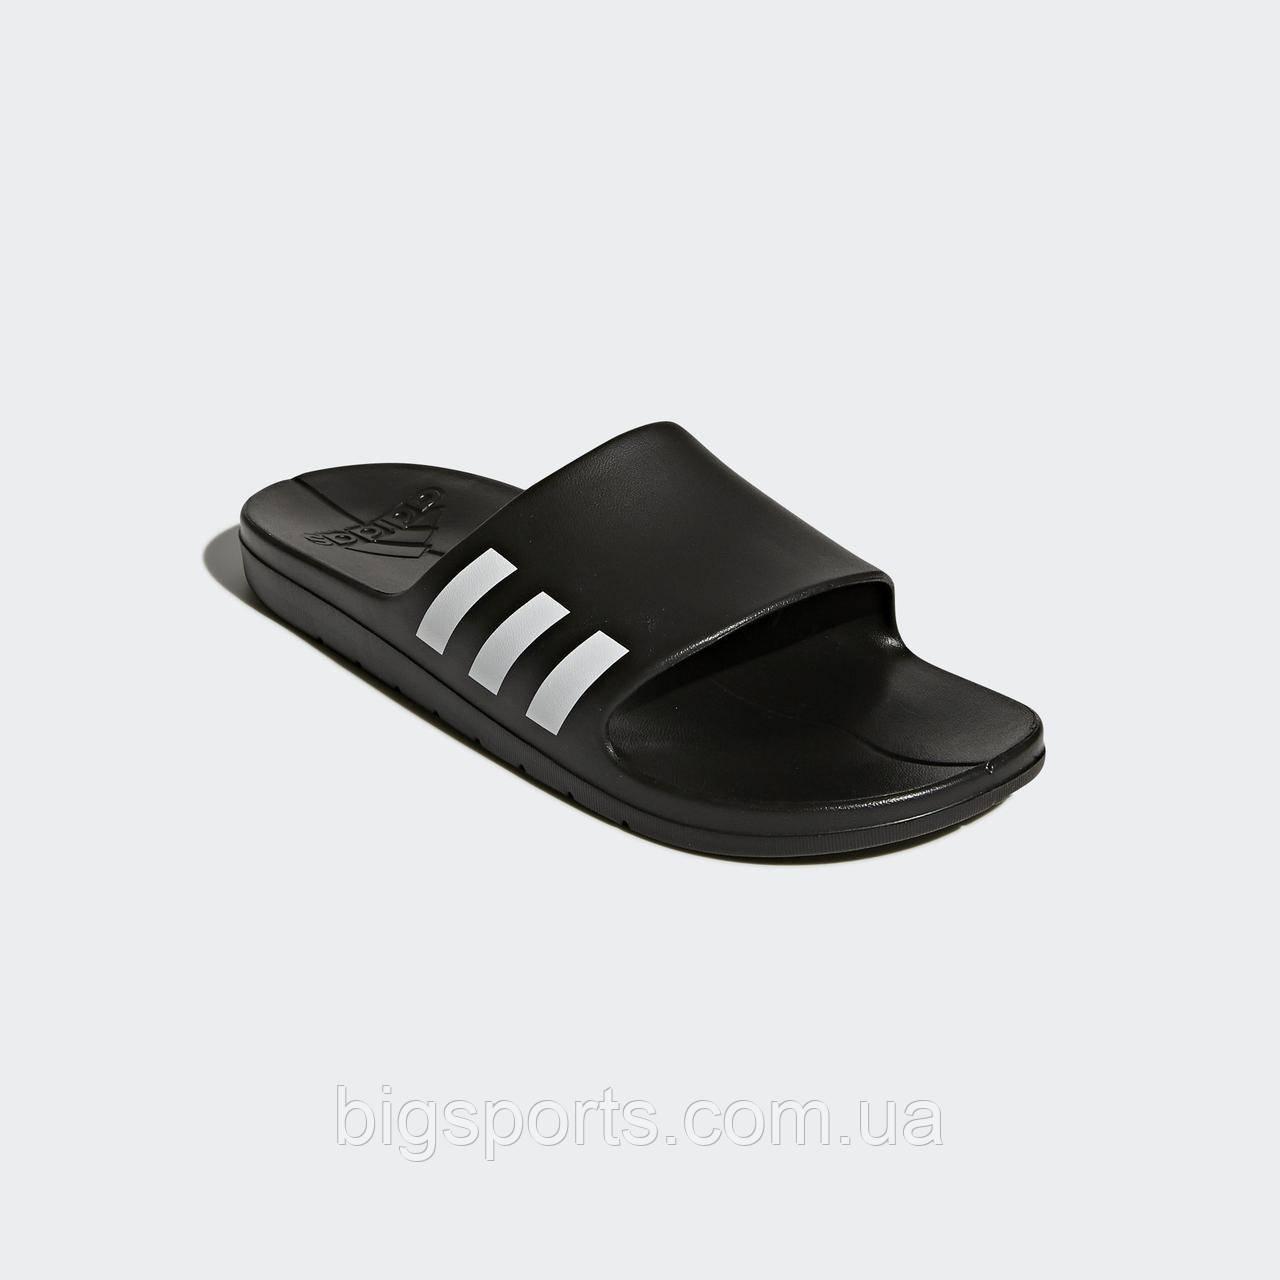 Тапки муж. Adidas Aqualette (арт. CG3540)